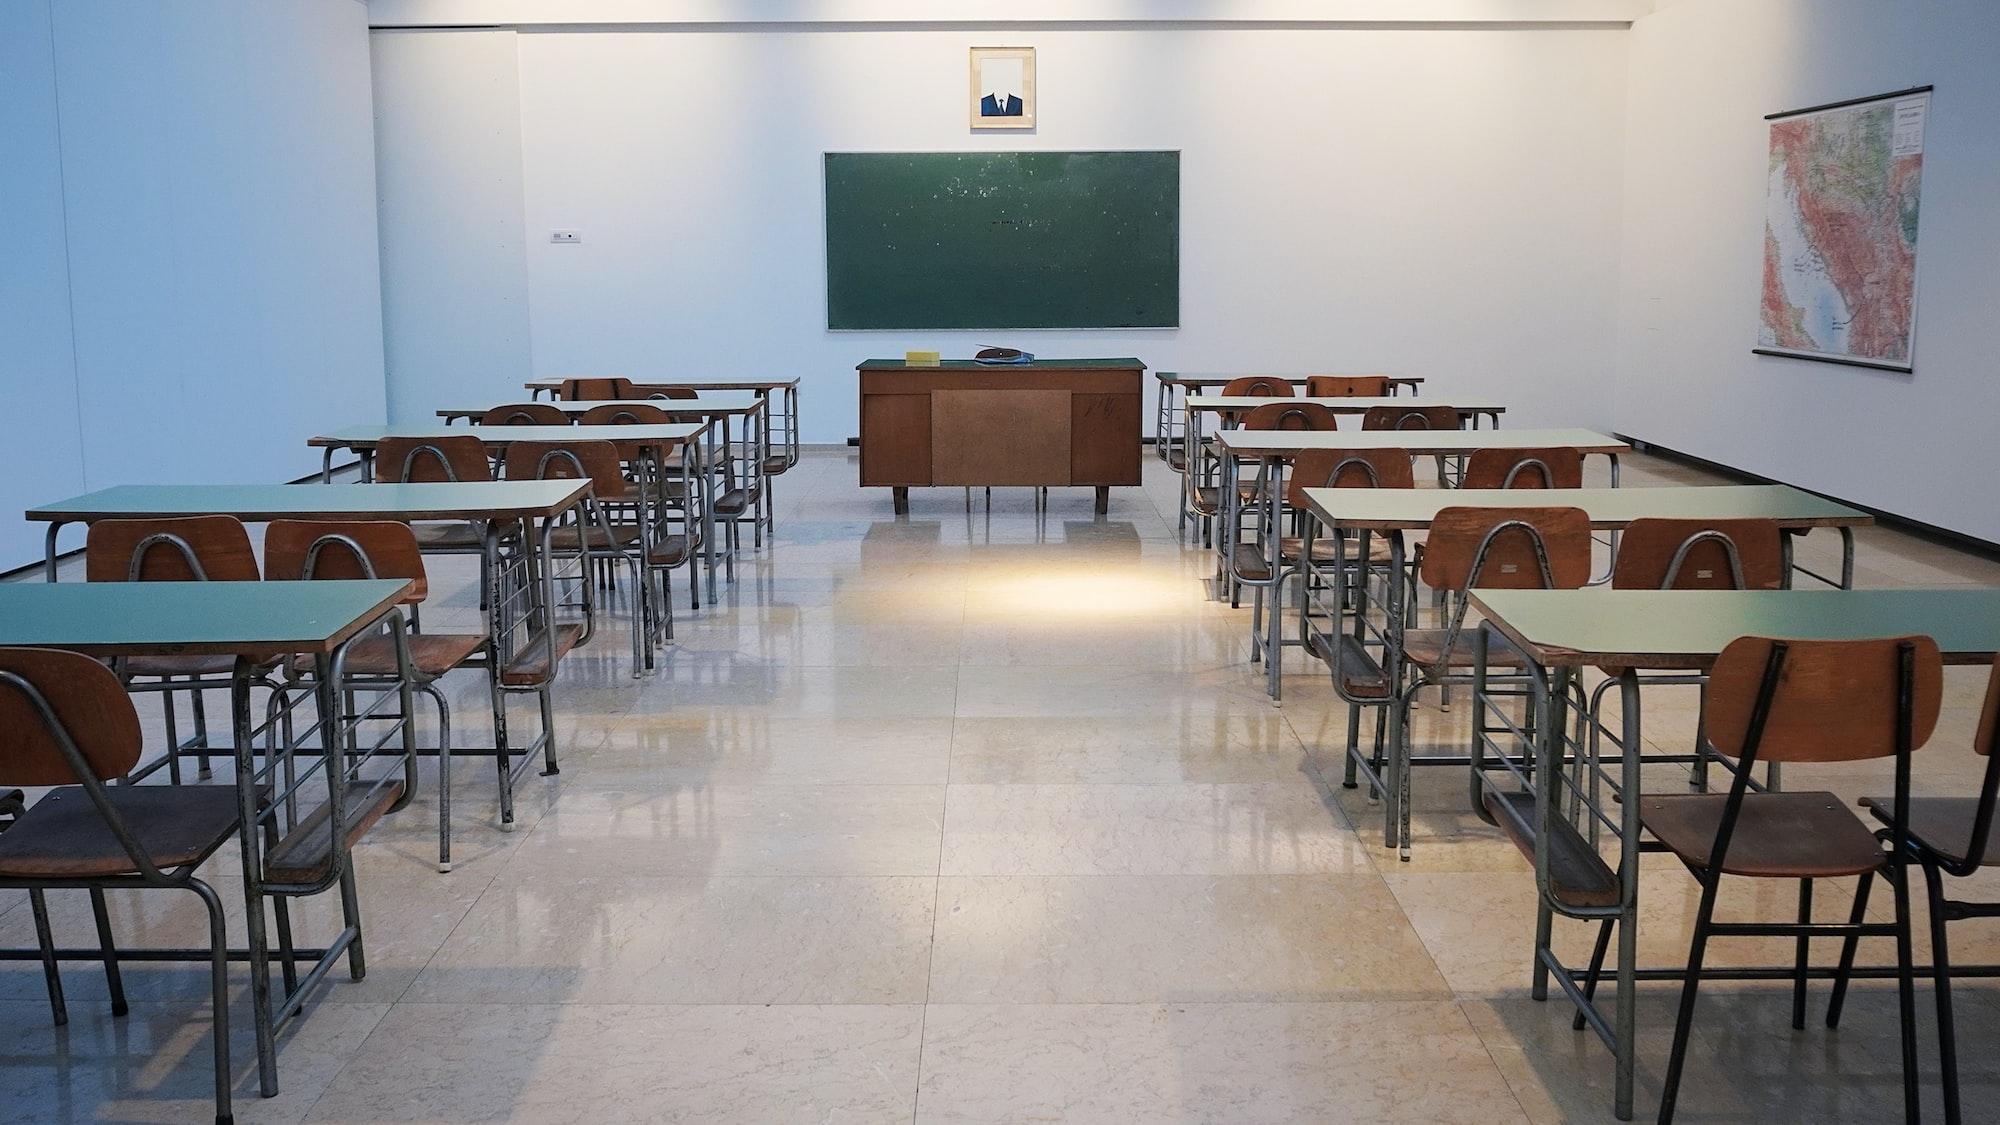 Uczniowie wrócili do szkół. Pierwsze przypadki zakażeń koronawirusem w Małopolsce